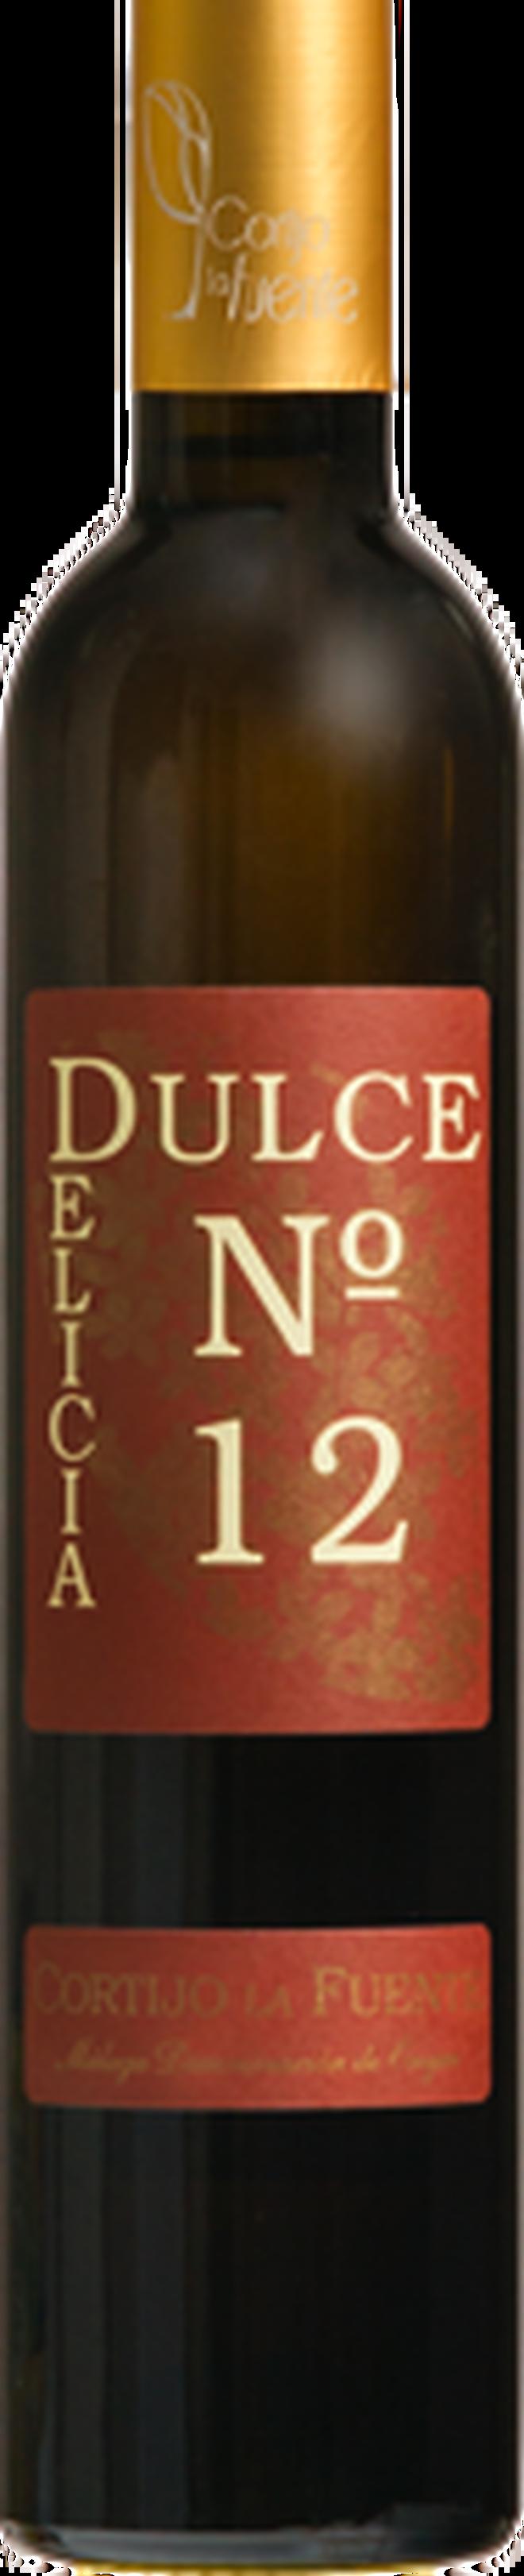 Dulce Delicia Nº 12